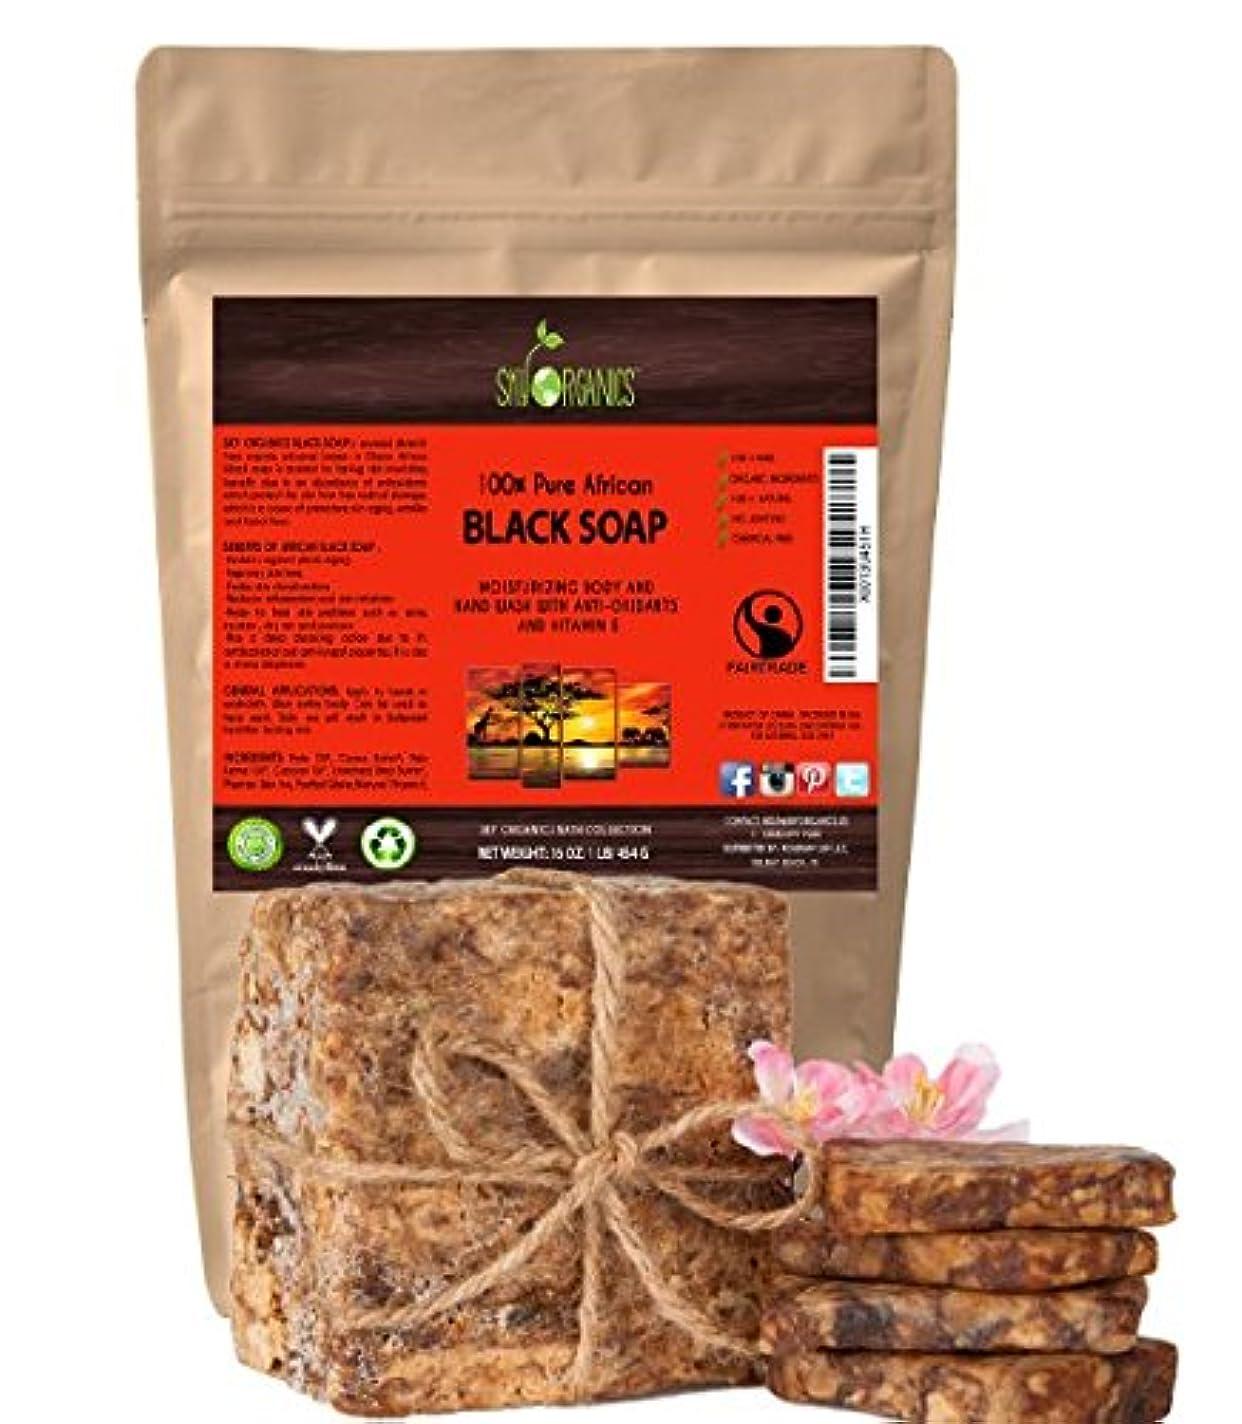 祖父母を訪問管理バナー切って使う オーガニック アフリカン ブラックソープ (約4563gブロック)Organic African Black Soap (16oz block) - Raw Organic Soap Ideal for Acne...